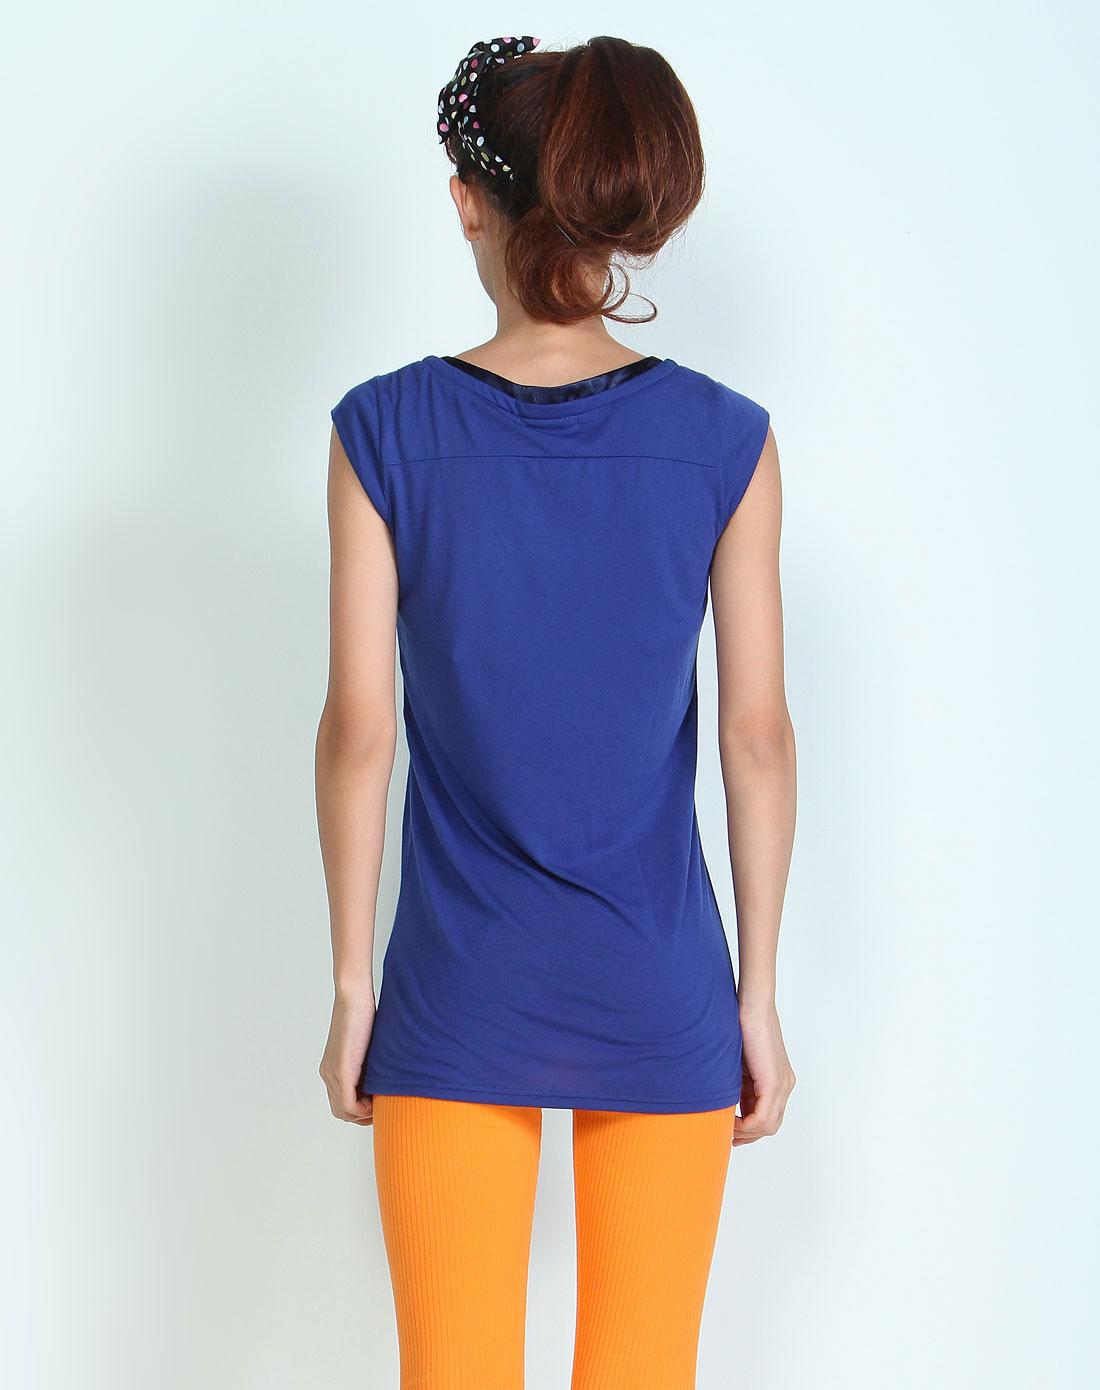 无袖跺(h��ފ9_深蓝色绣珠片无袖t恤衫